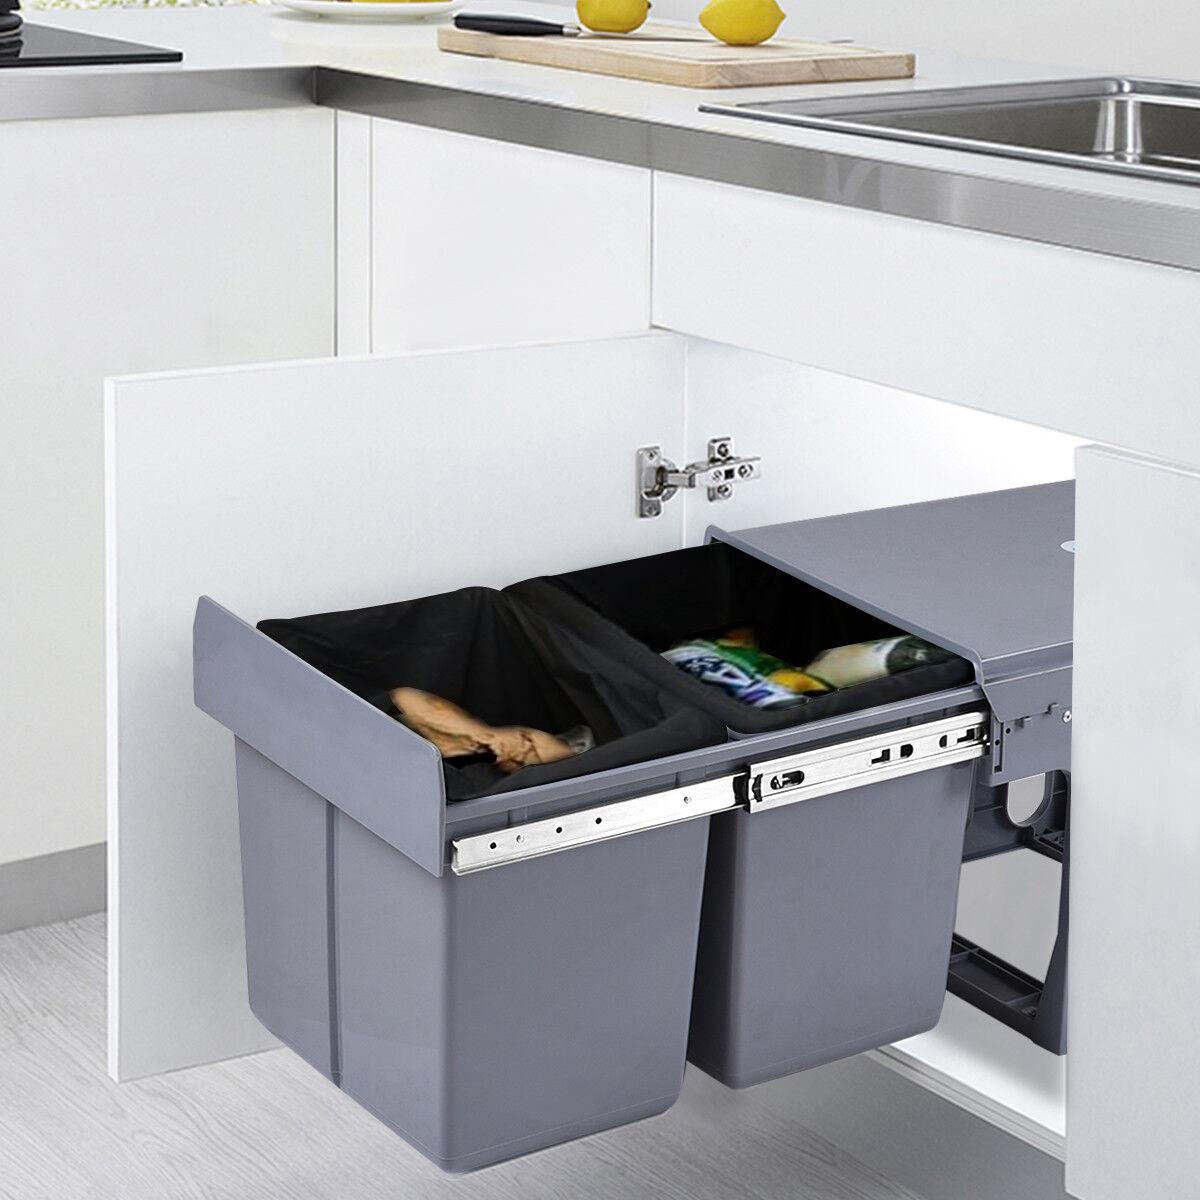 Einbau Mülleimer Küche Wesco | Wesco Mülleimer Küche